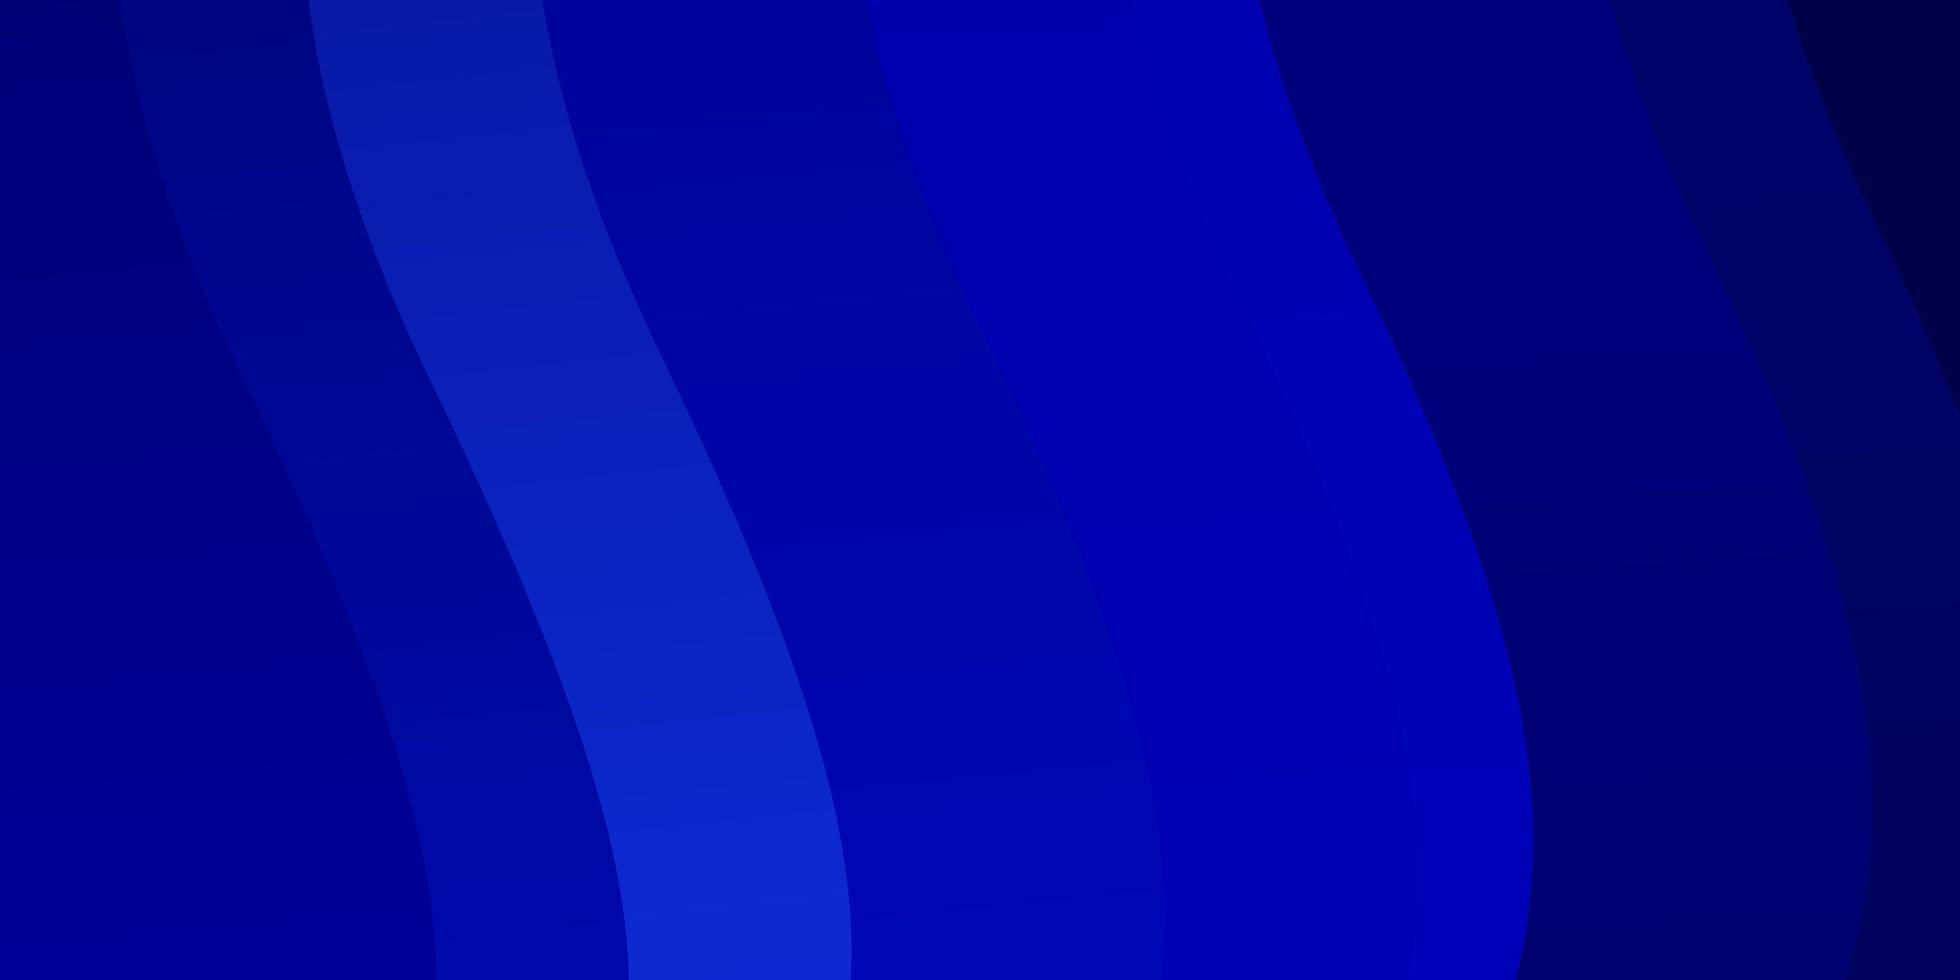 disposition de vecteur bleu foncé avec des courbes.